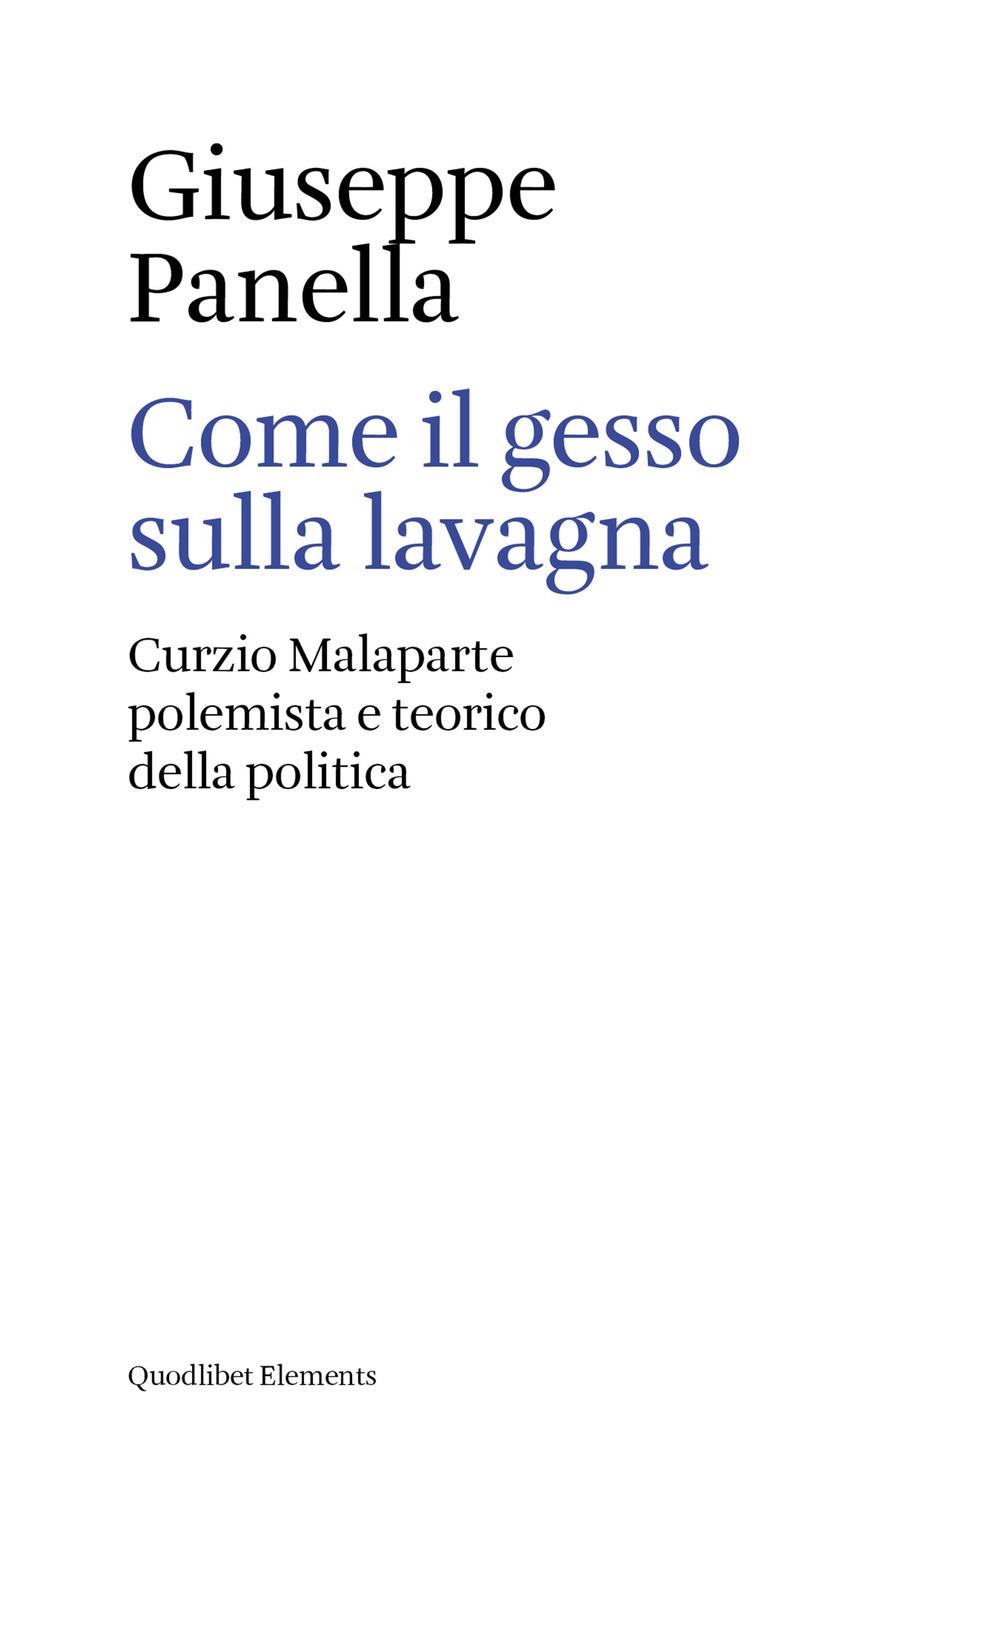 COME IL GESSO SULLA LAVAGNA. CURZIO MALAPARTE POLEMISTA E TEORICO DELLA POLITICA - 9788822902634